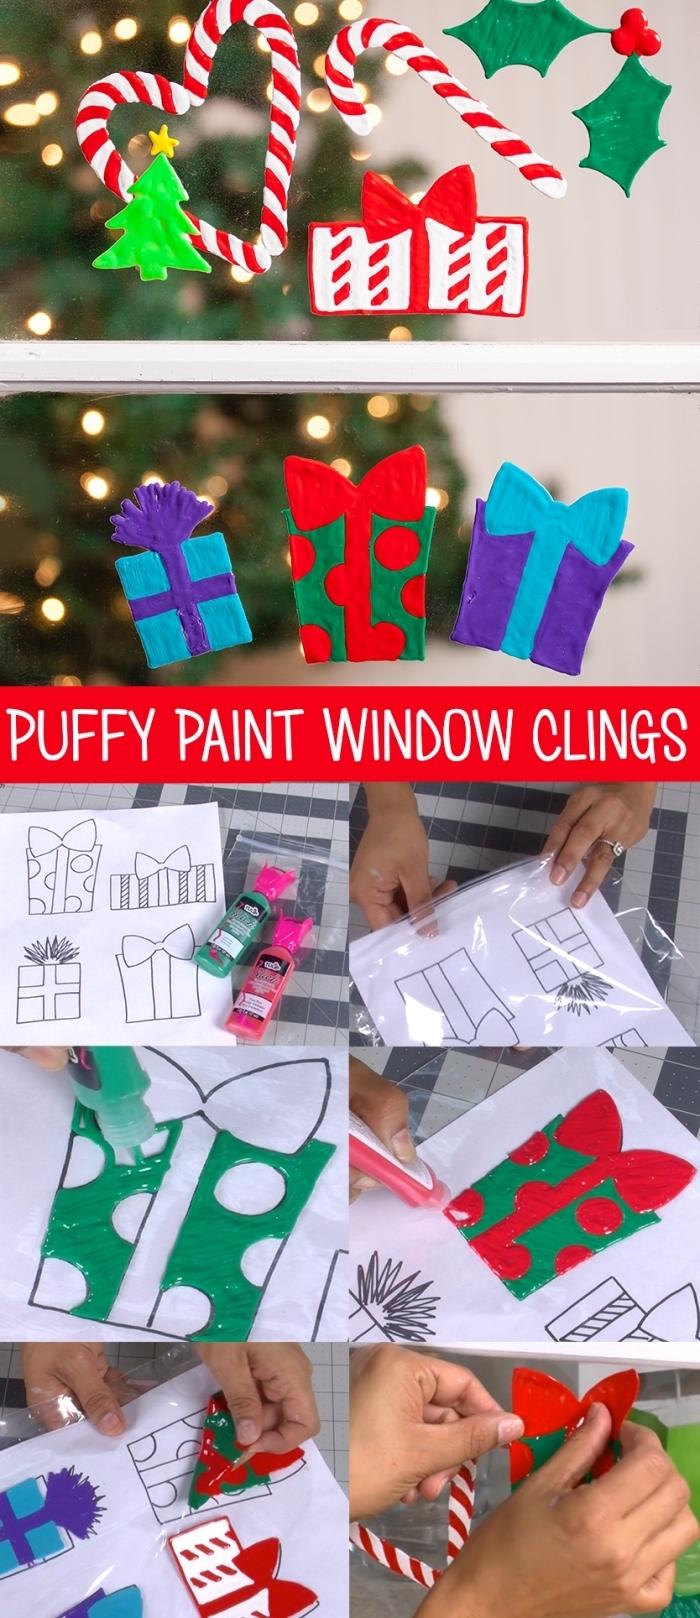 des motifs de noël en peinture à relief réalisés à l'aide des pages à colorier, à coller sur les vitres, deco de noel a faire soi meme